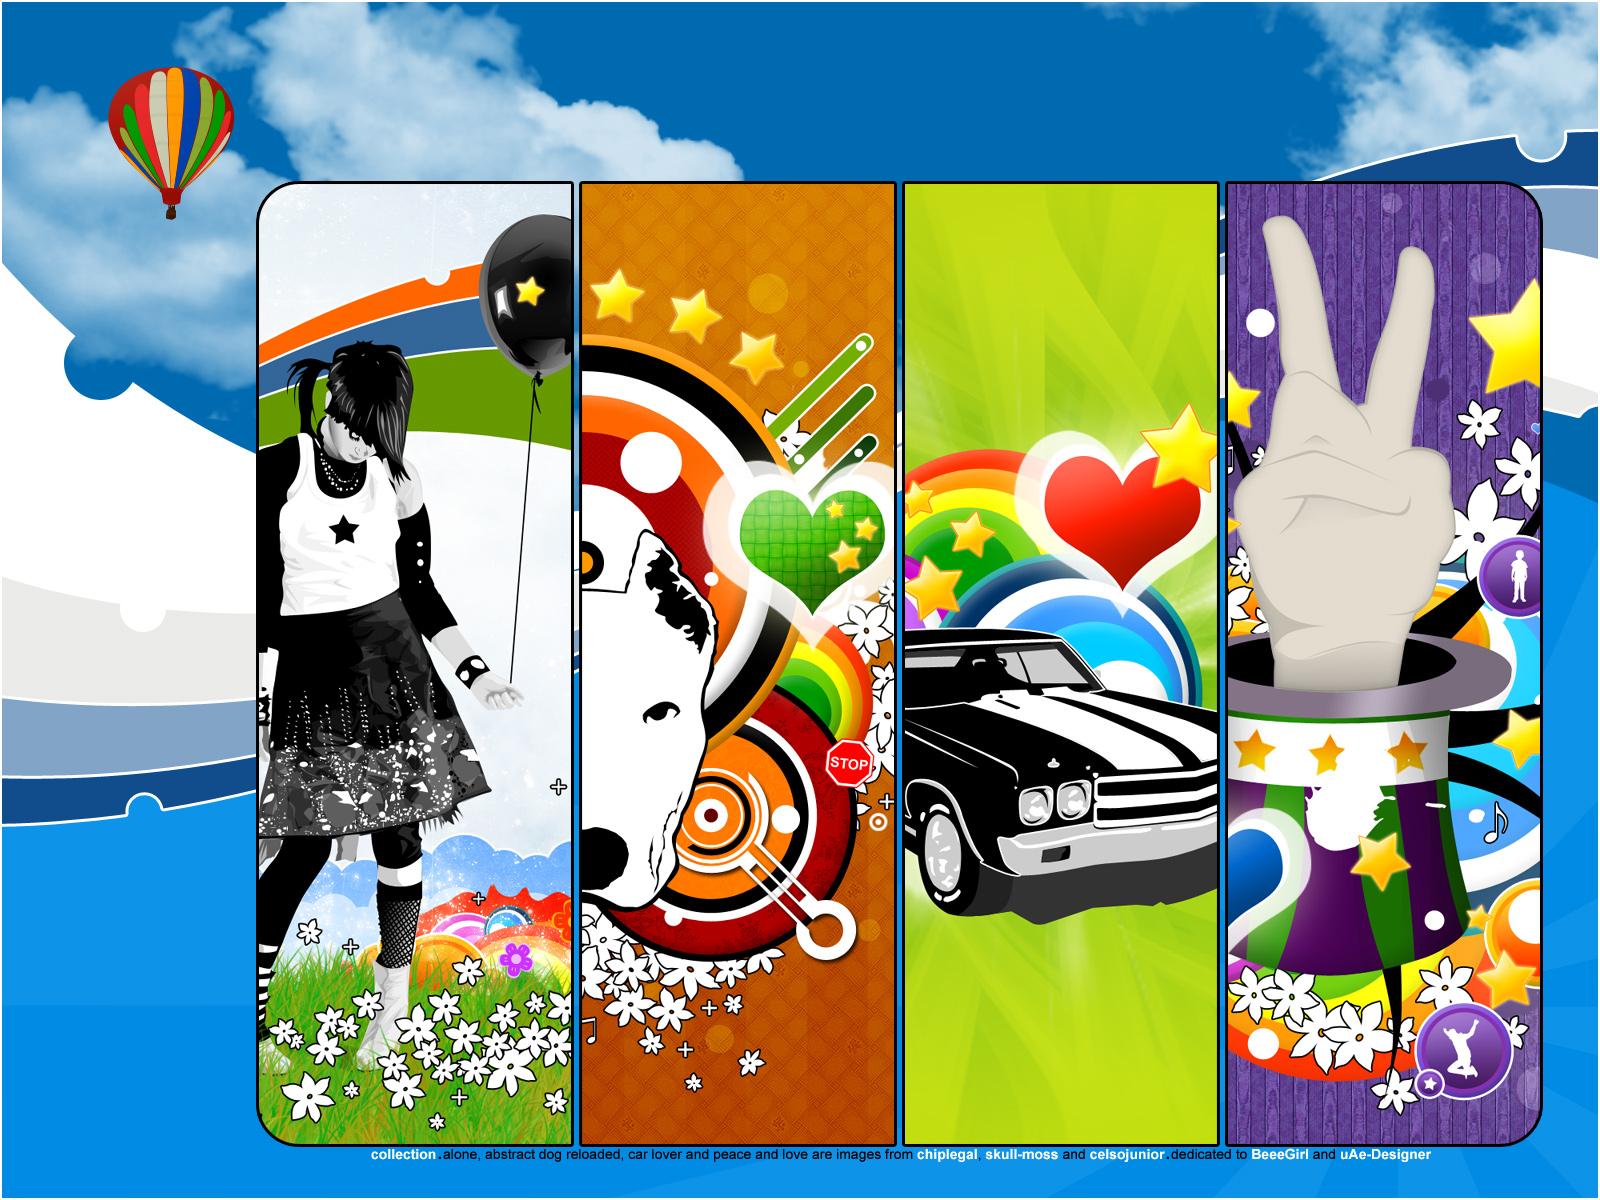 Publicidad Imagenes Abstractas: Imagenes, Fondos De Pantallas Y Variedades : Fondo HD